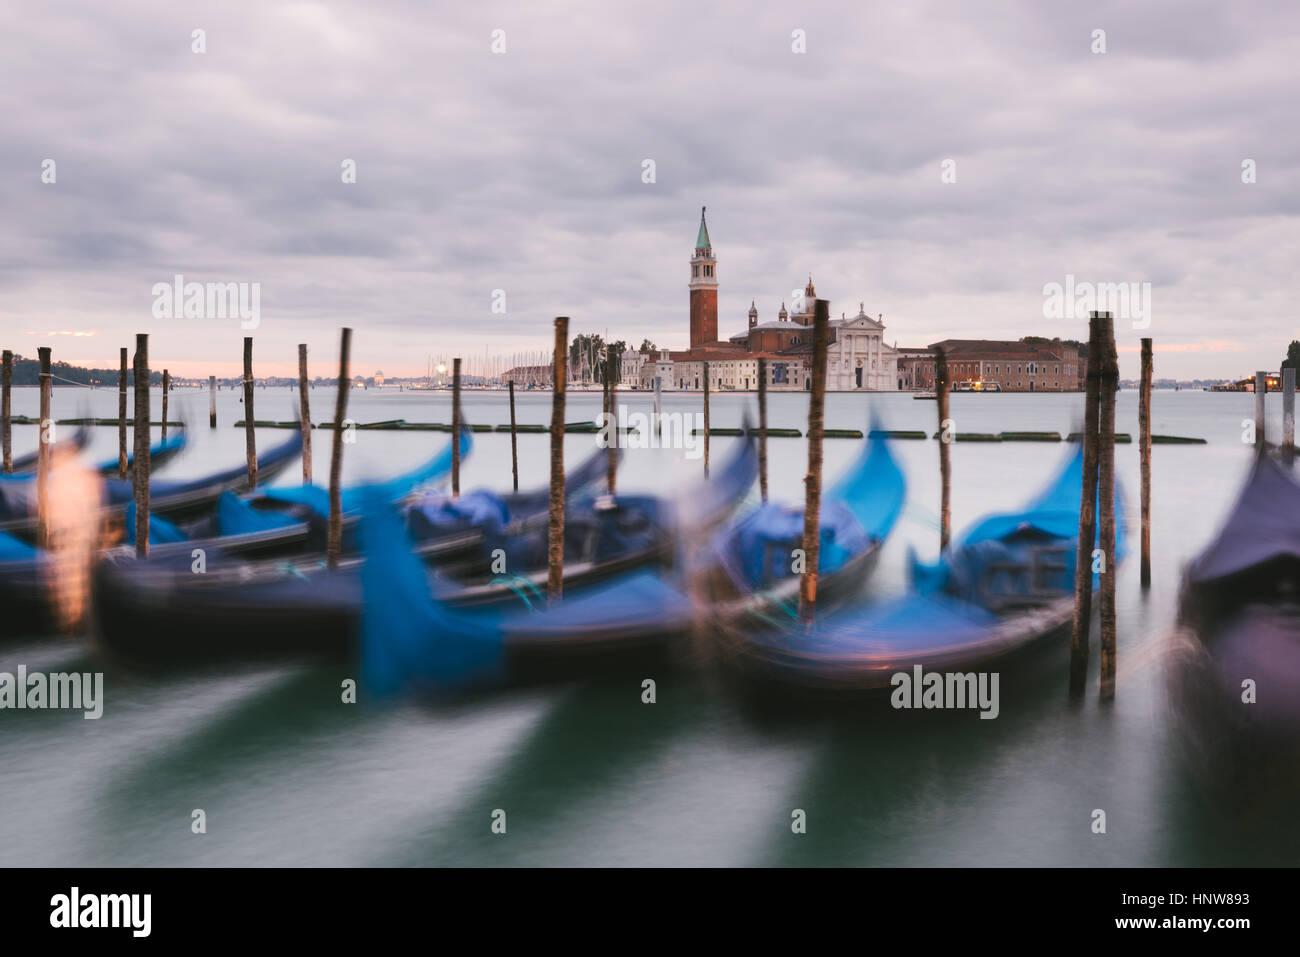 Gondole in Grand Canal San Giorgio Maggiore isola in background, Venezia, Italia Immagini Stock